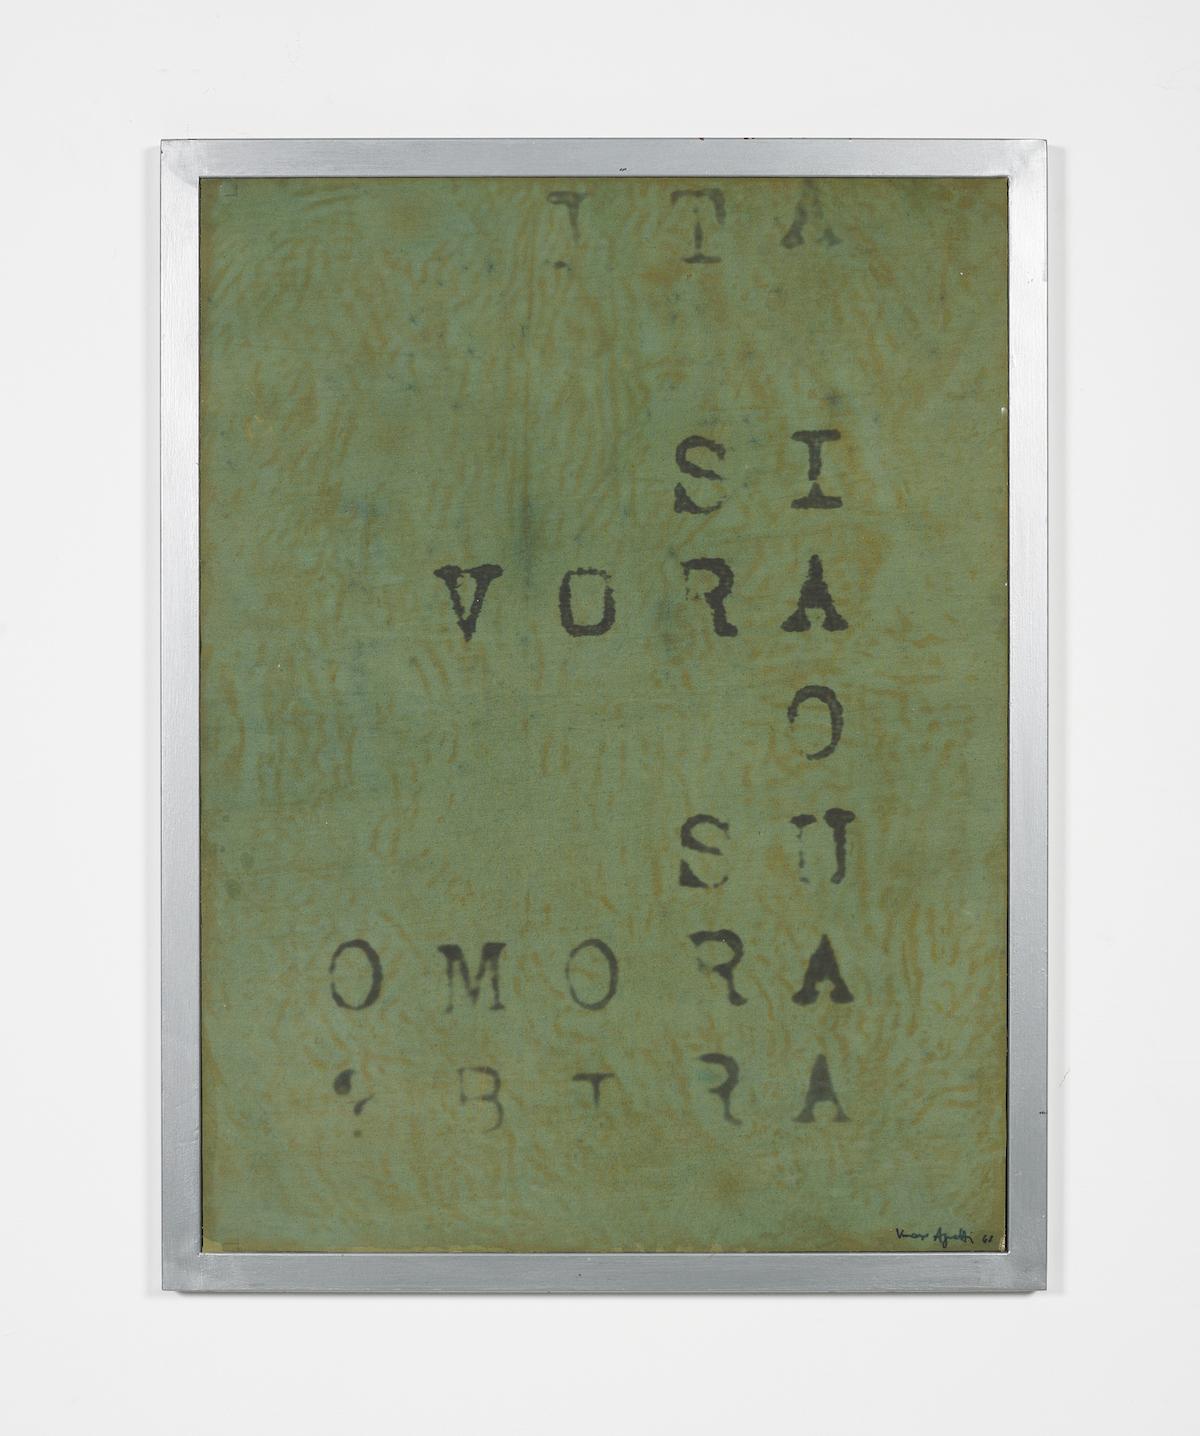 Vincenzo Agnetti, Frammento di macchina drogata, 1968, ph. Max Pescio